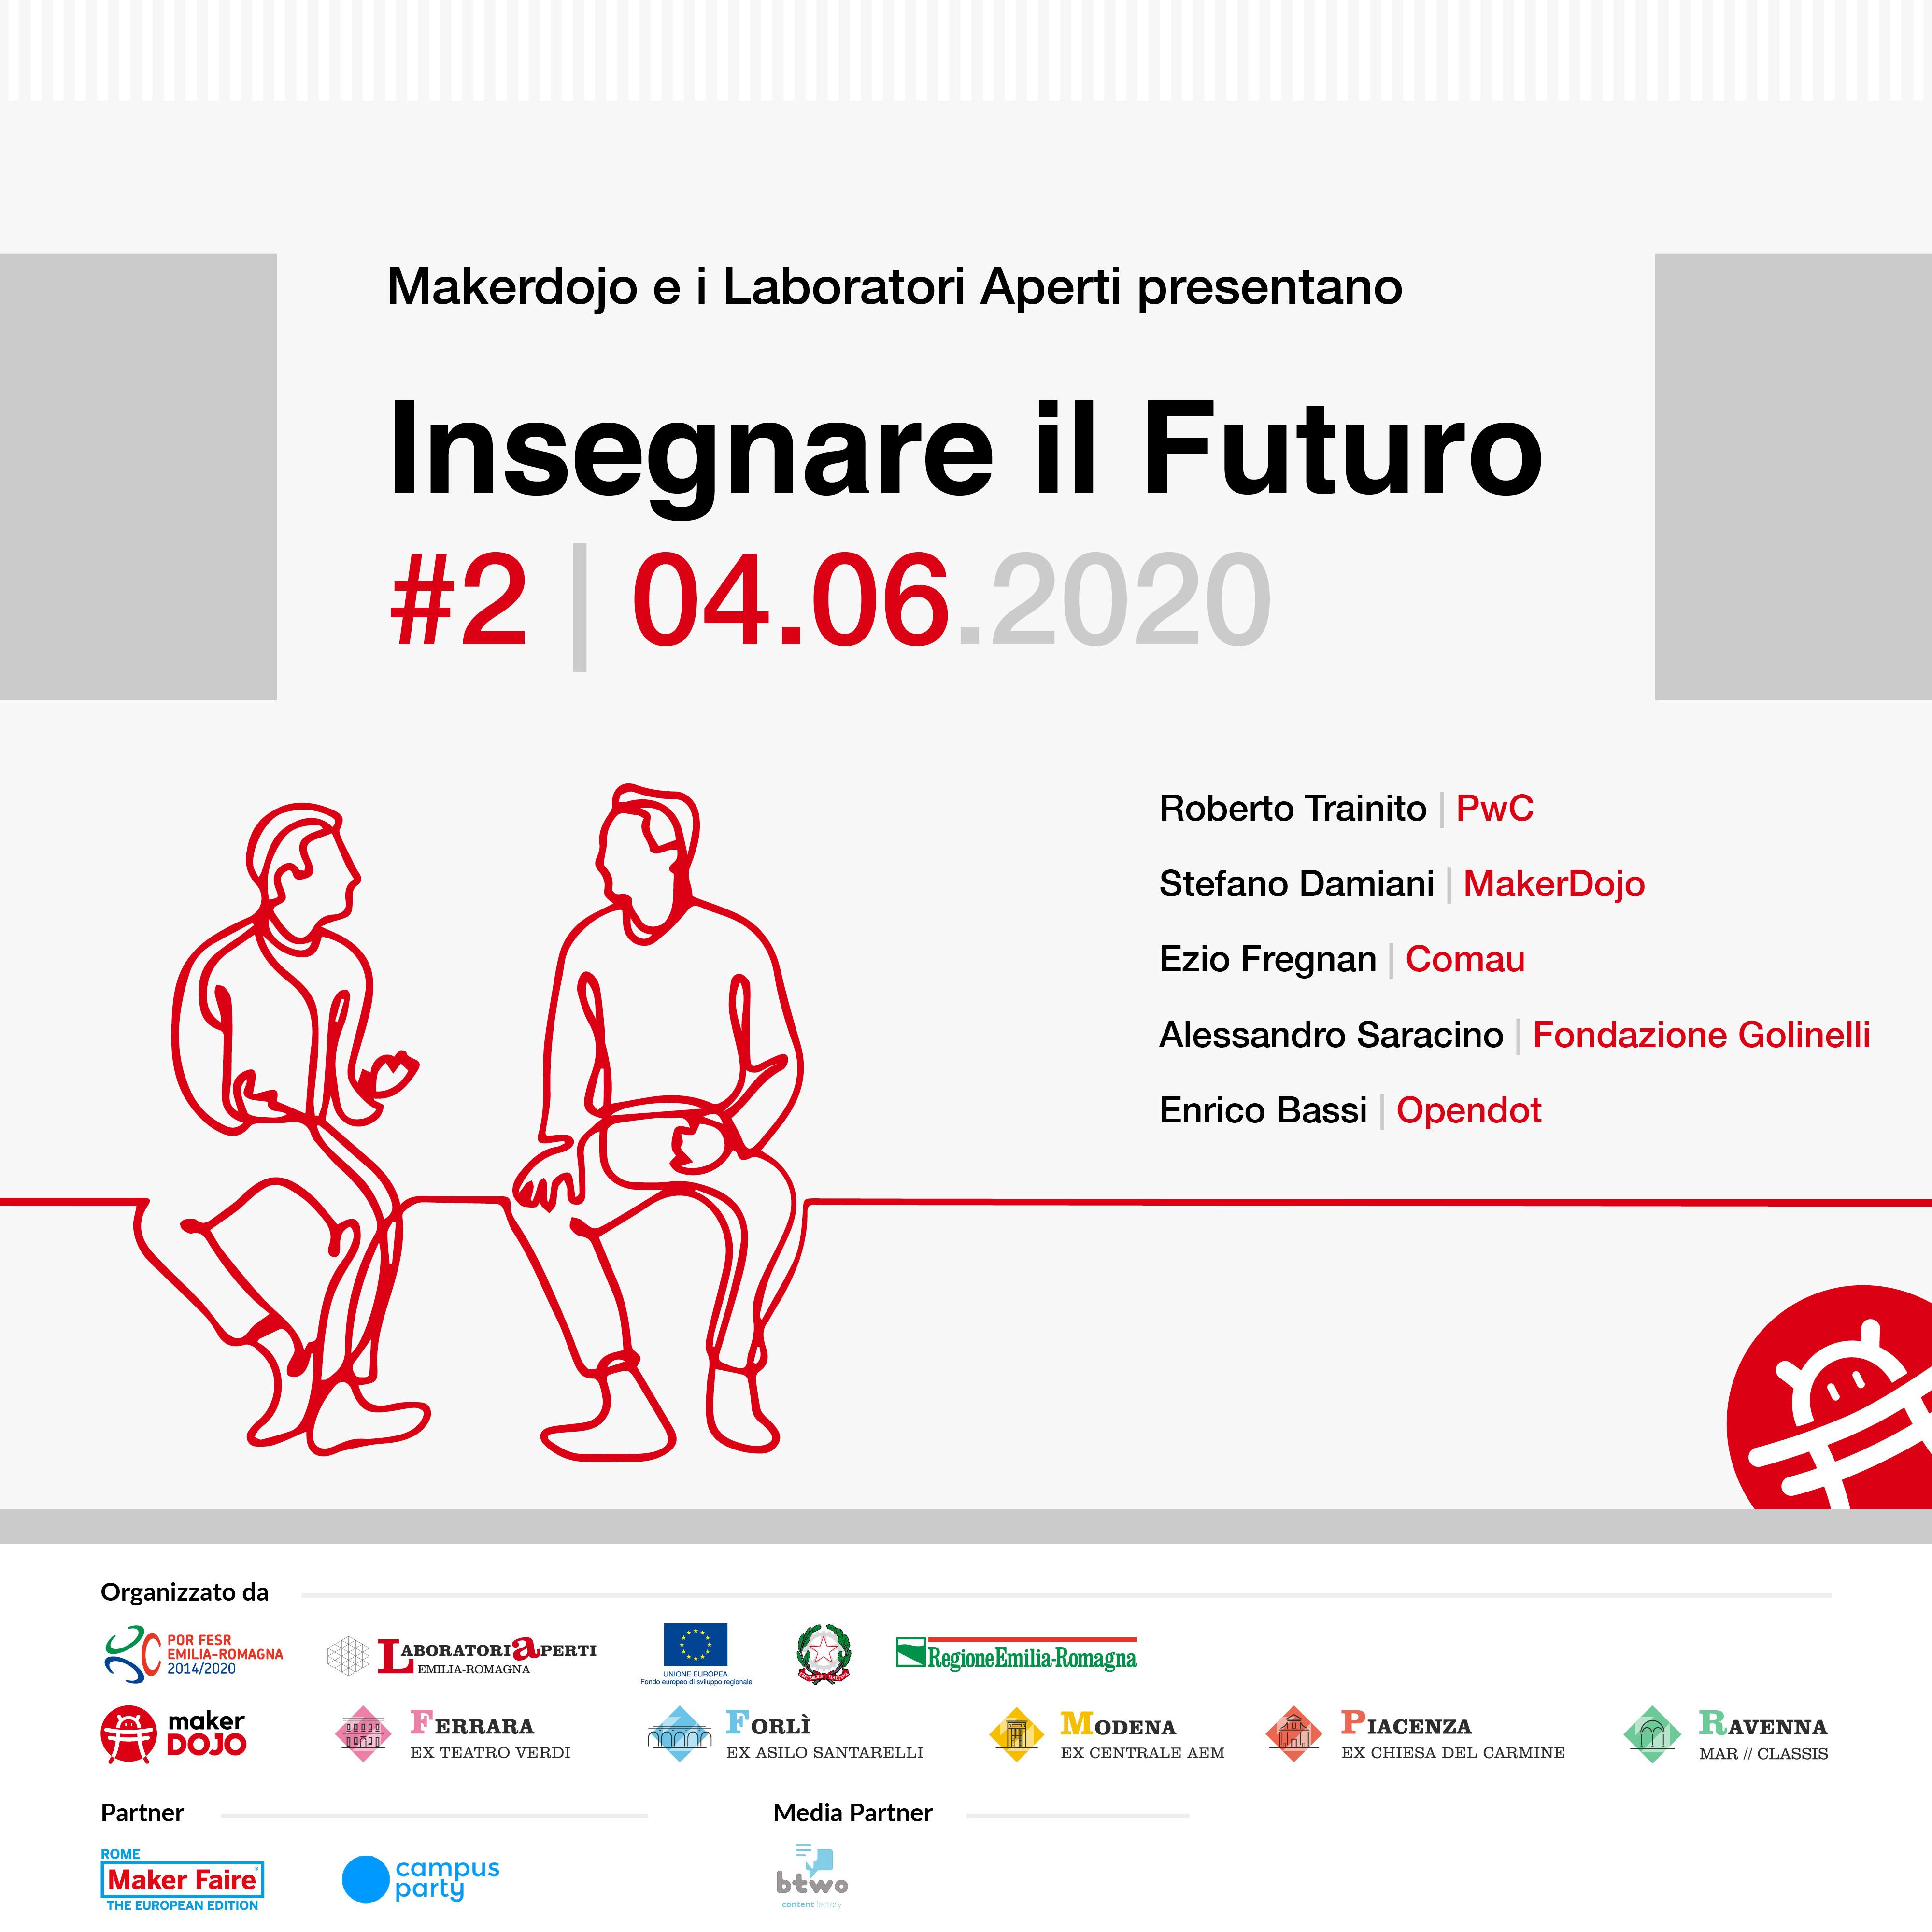 INSEGNARE IL FUTURO #2